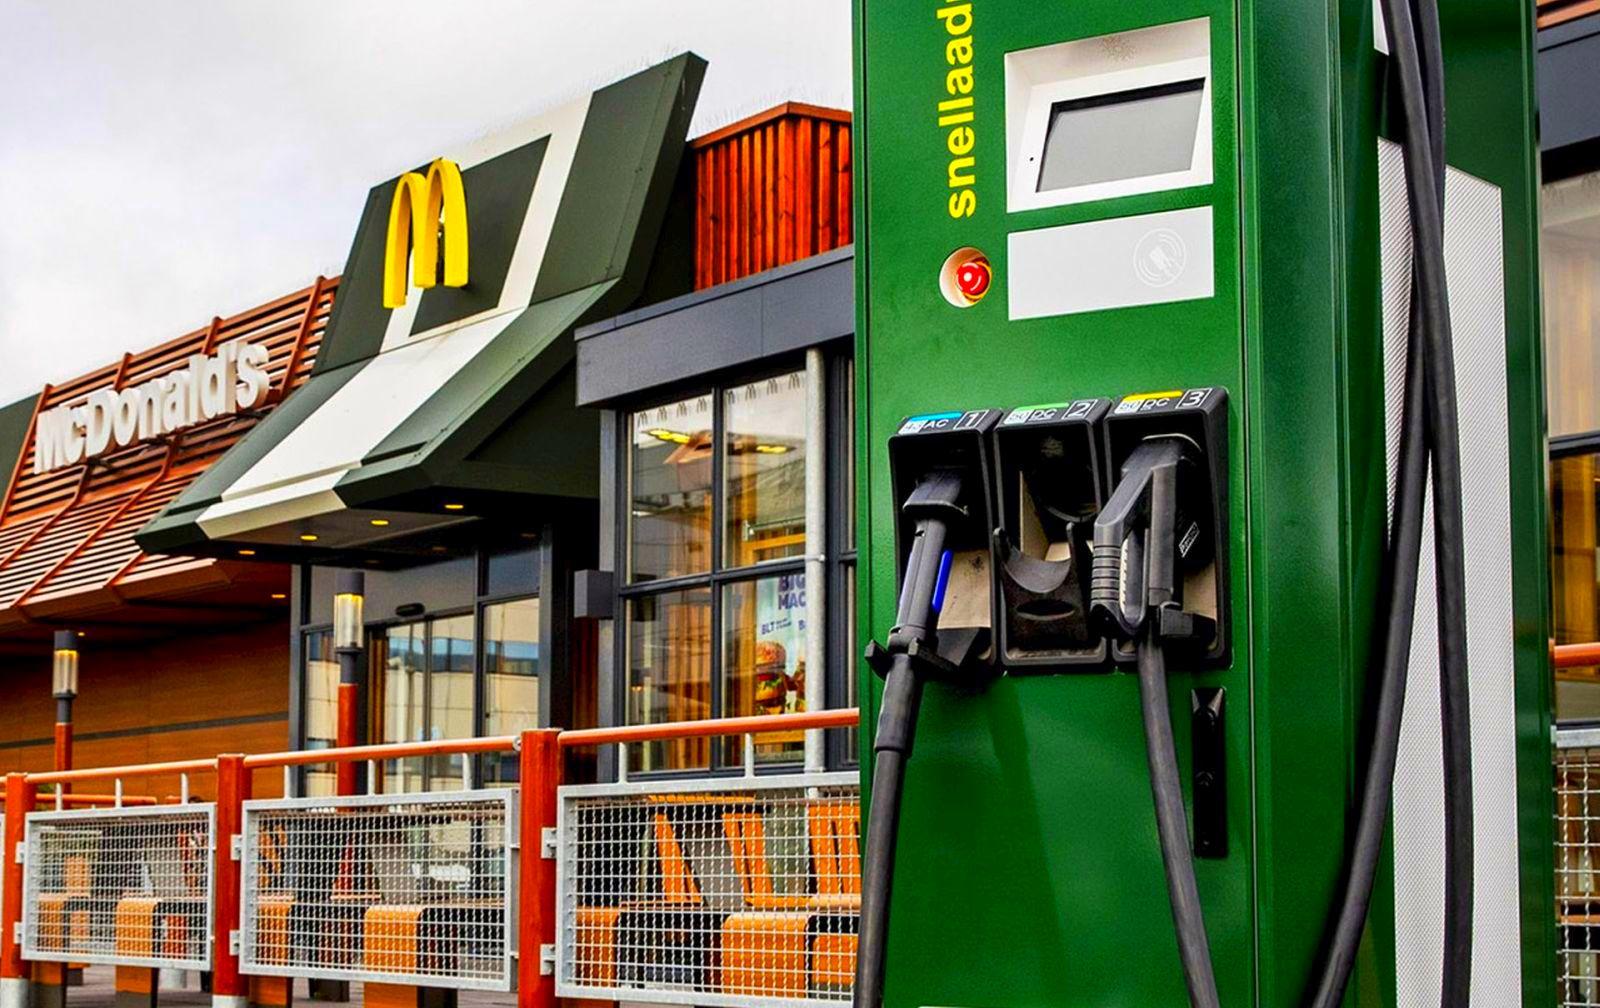 snelladen McDonalds